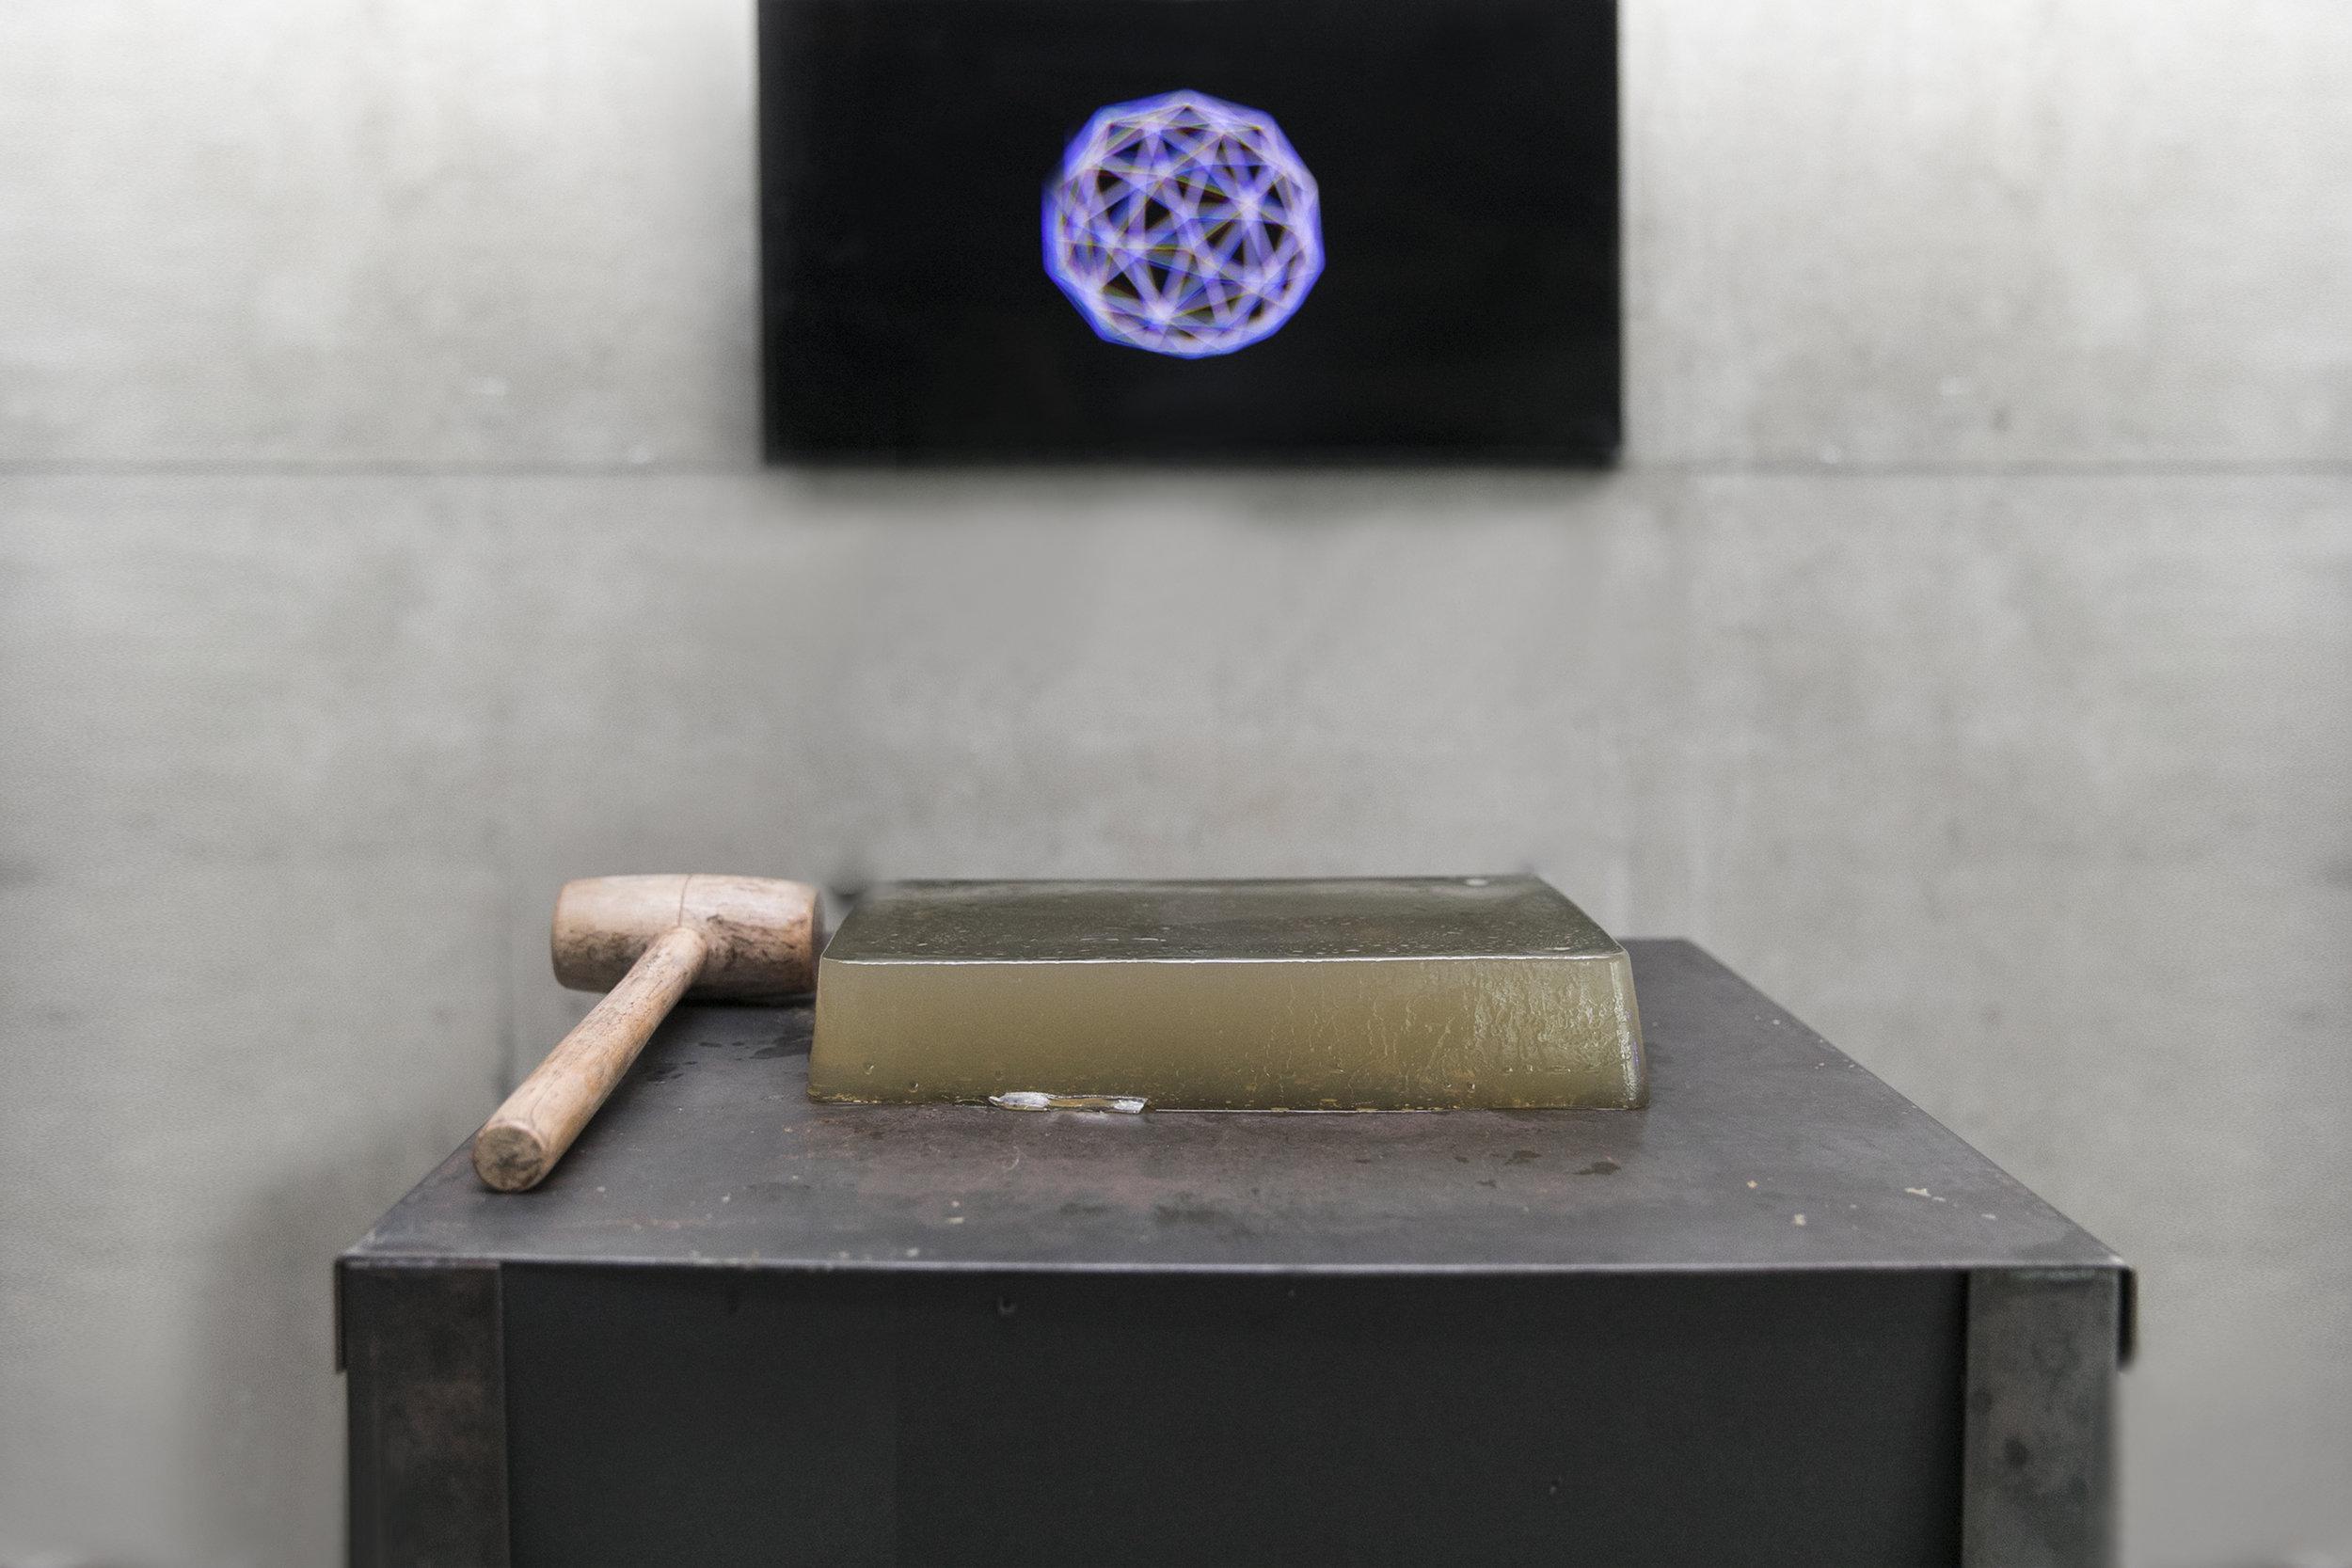 Hale Arslan, İnsan Neden Saldırganlık Gösterir, Enstalasyon, 2 Kanallı Video, 2018.jpg